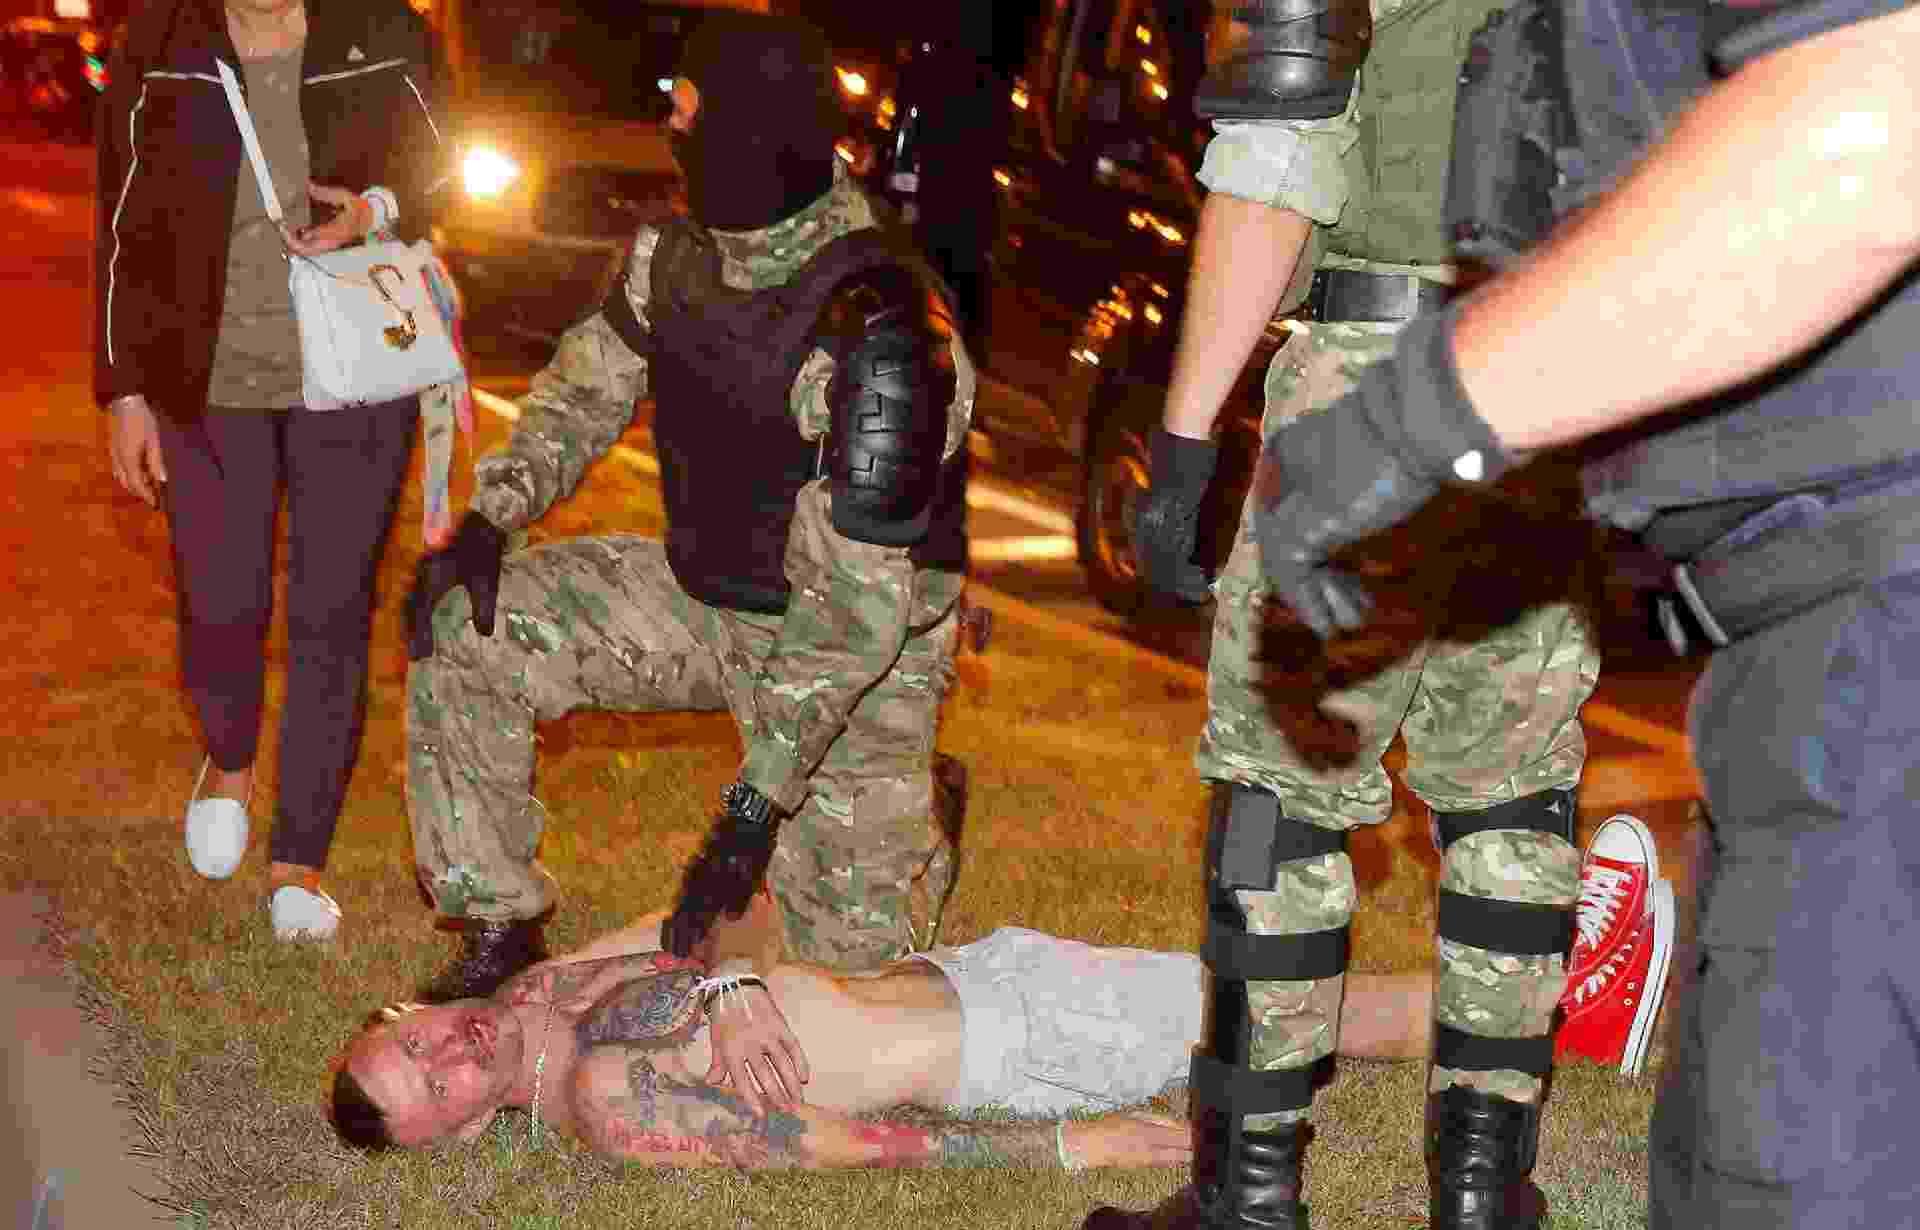 Um homem ficou ferido durante o protesto nas ruas de Minsk - Vasily Fedosenko/Reuters